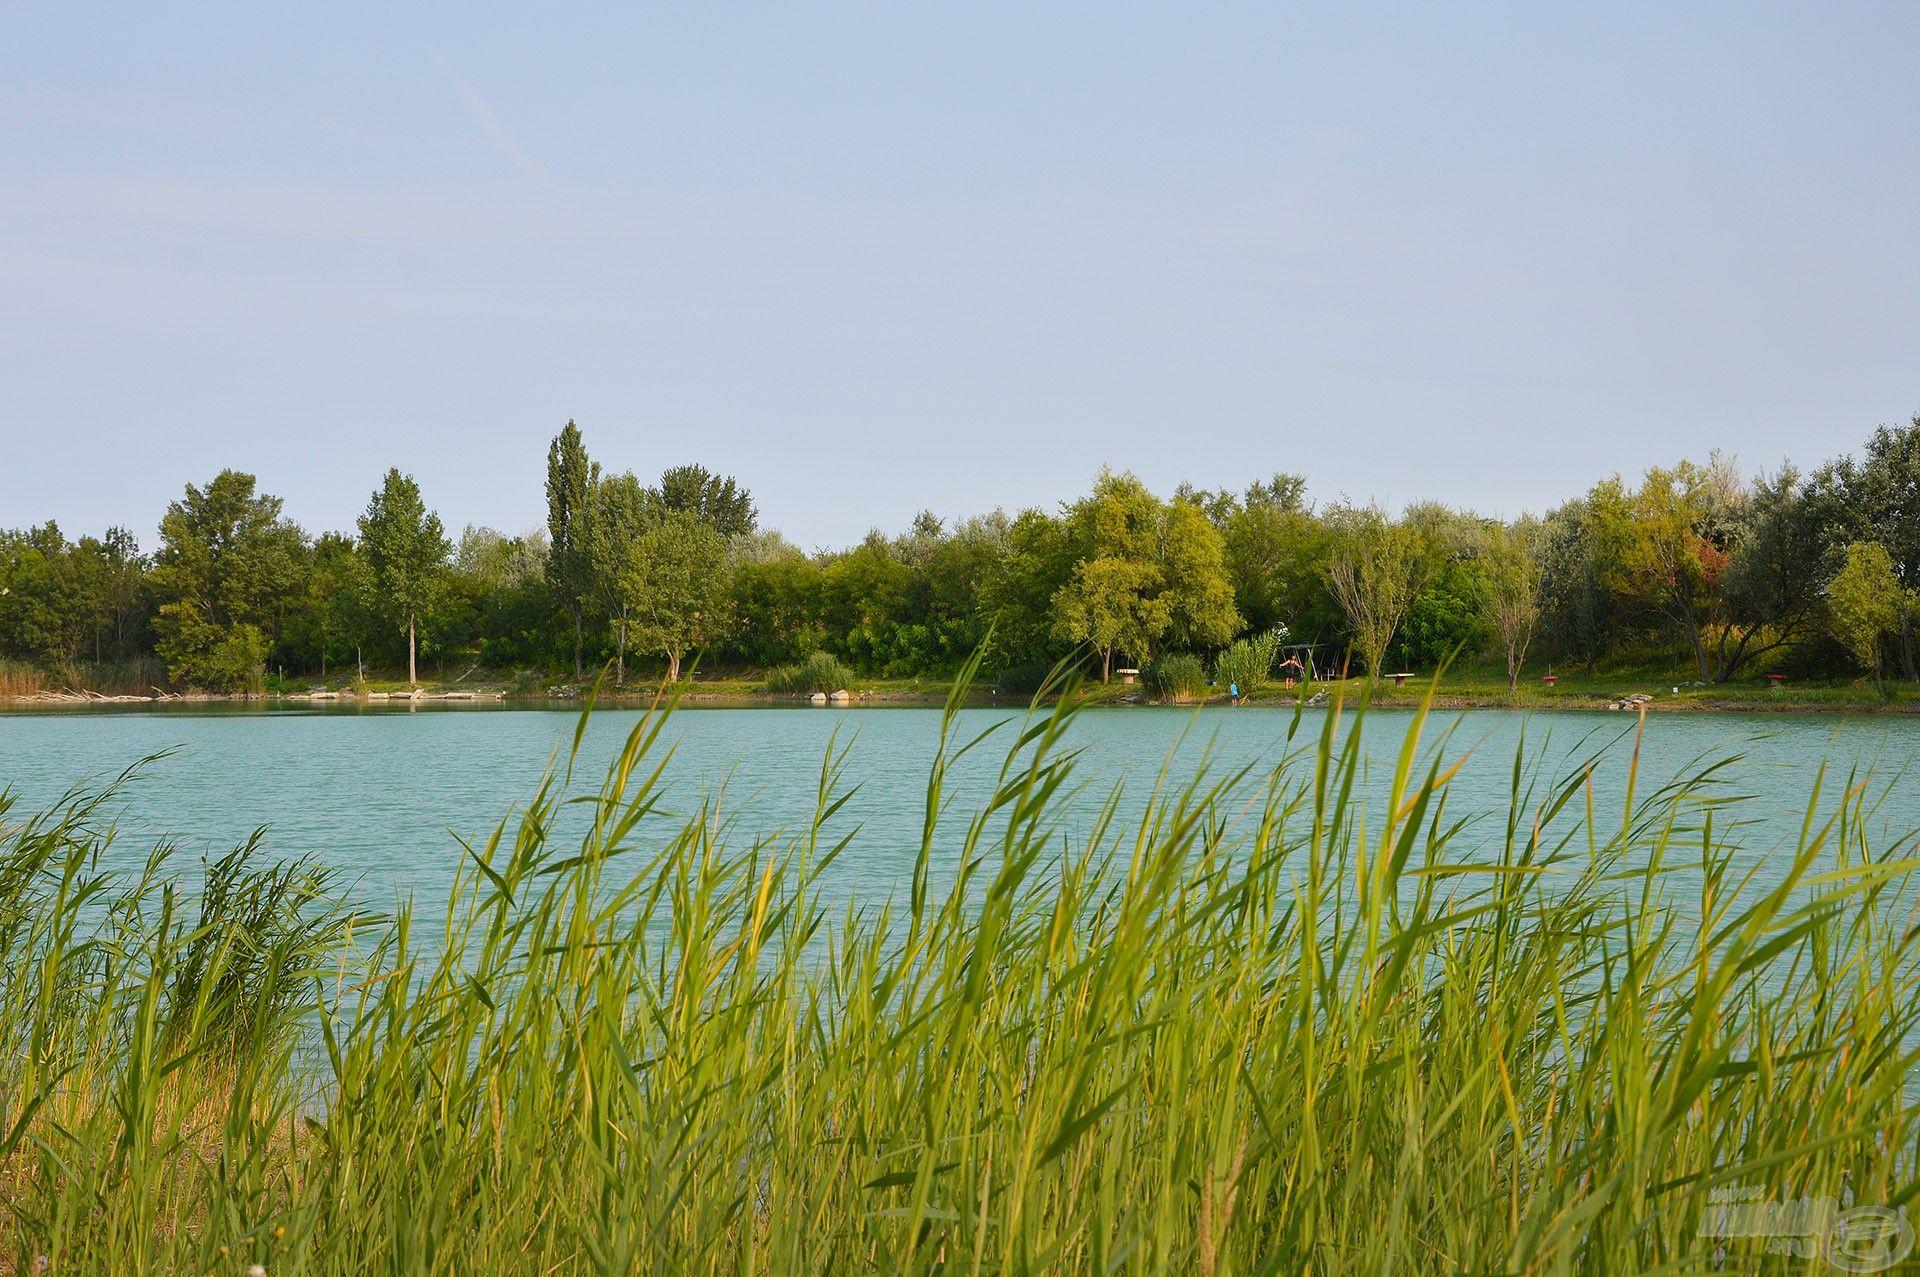 … és gyönyörű környezet jellemzi ezt a tavat